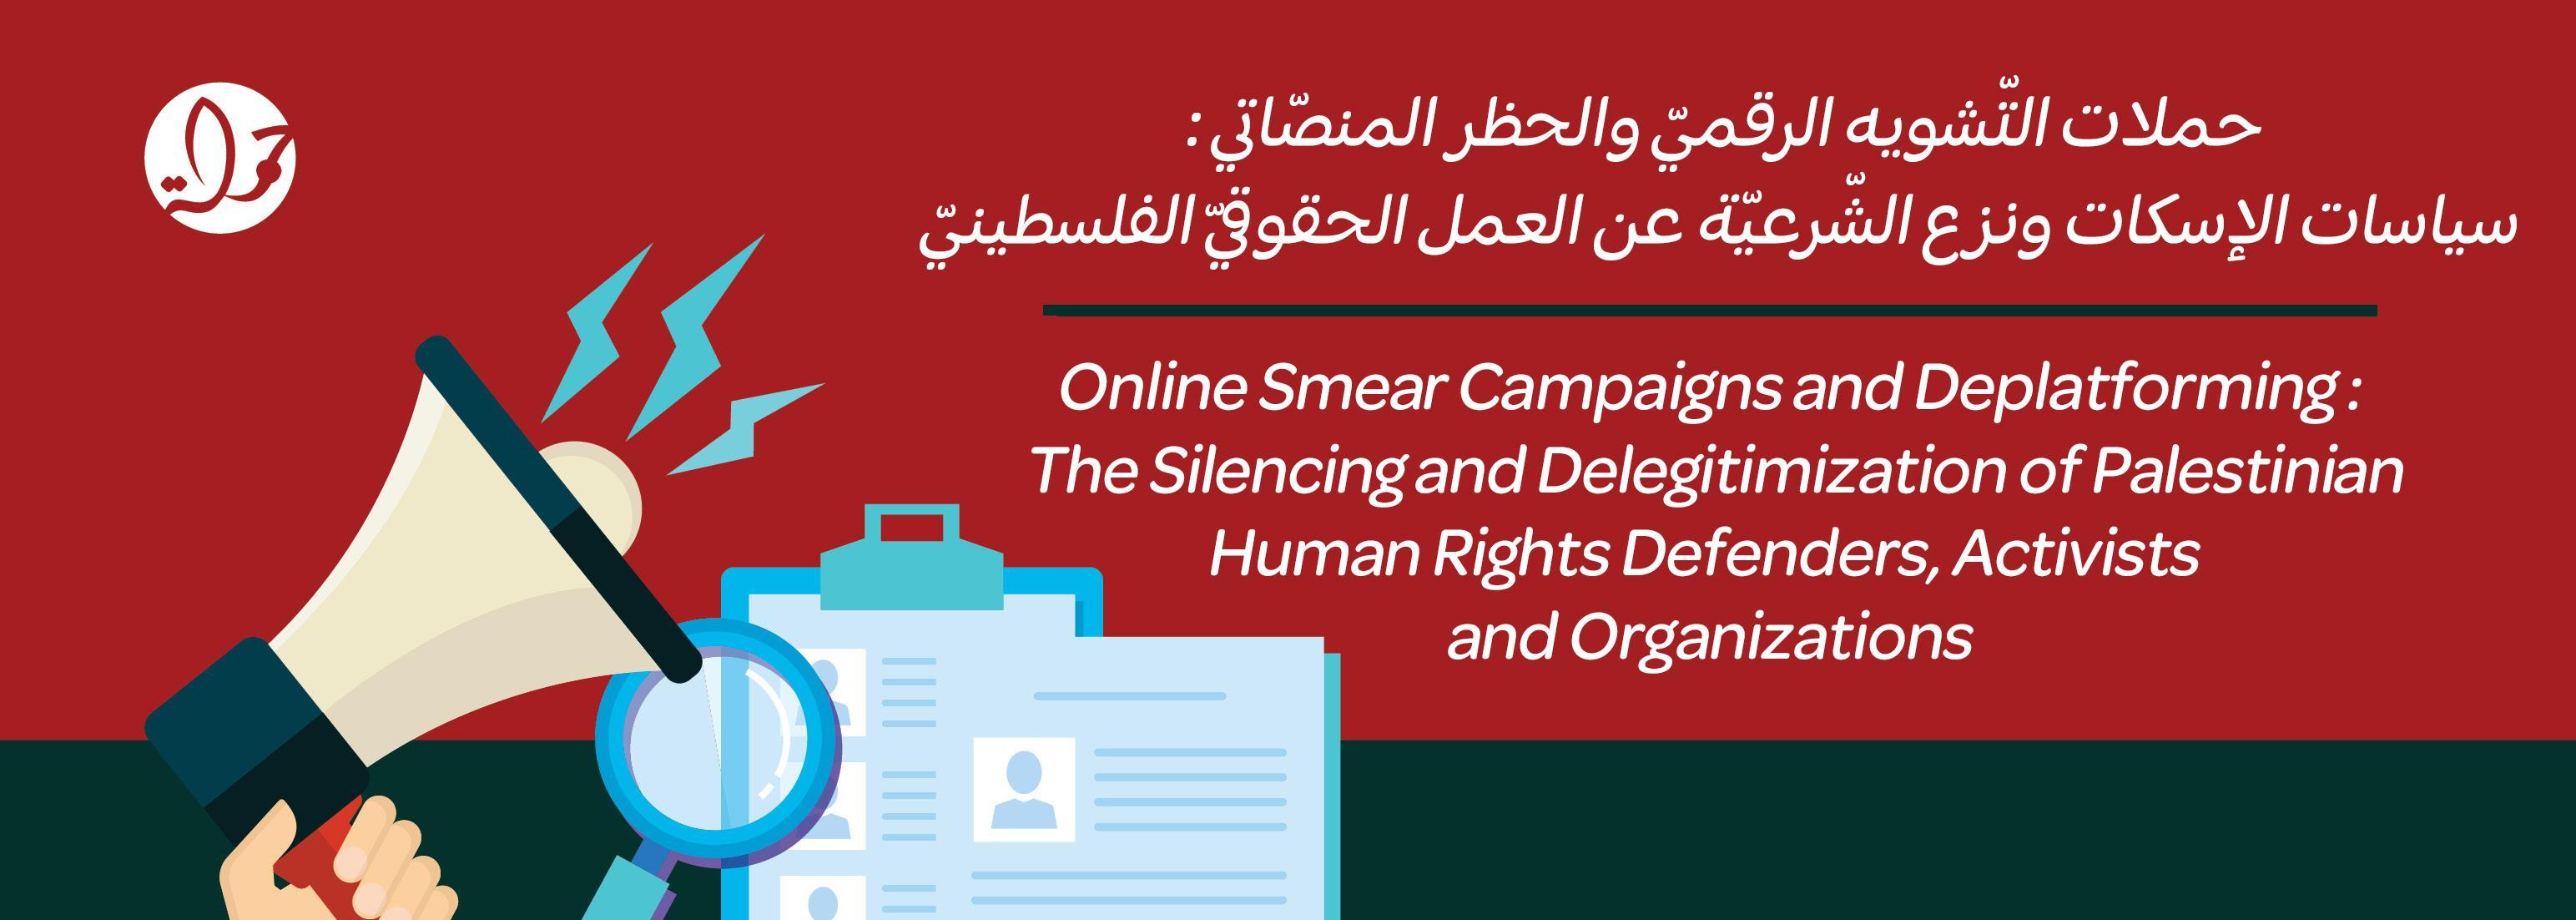 :حملات التّشويه الرقميّ والحظر المنصّاتي